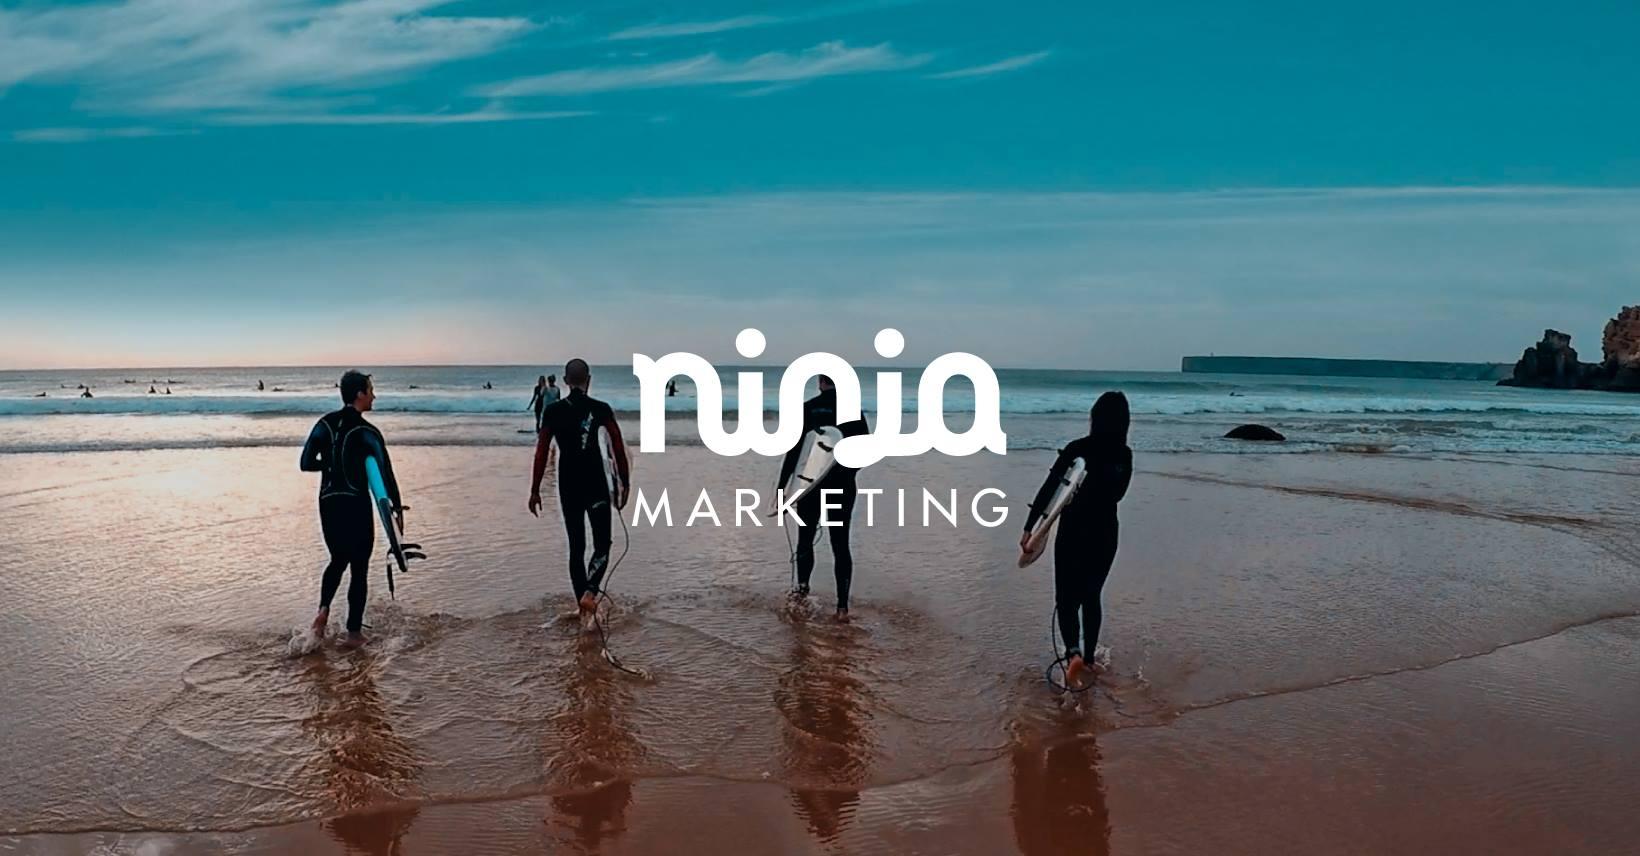 Vi presentiamo Ninja Marketing Dojo, il nuovo spazio della community Ninja